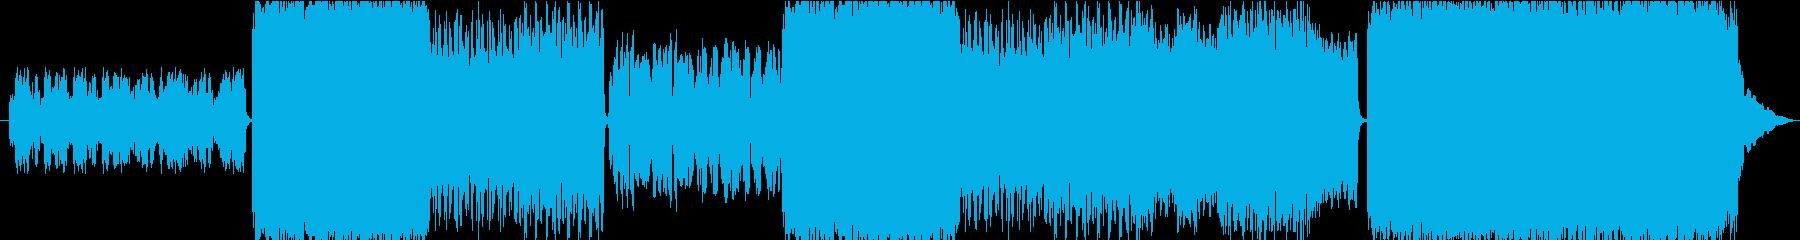 中世ヨーロッパ風のオーケストラBGMの再生済みの波形